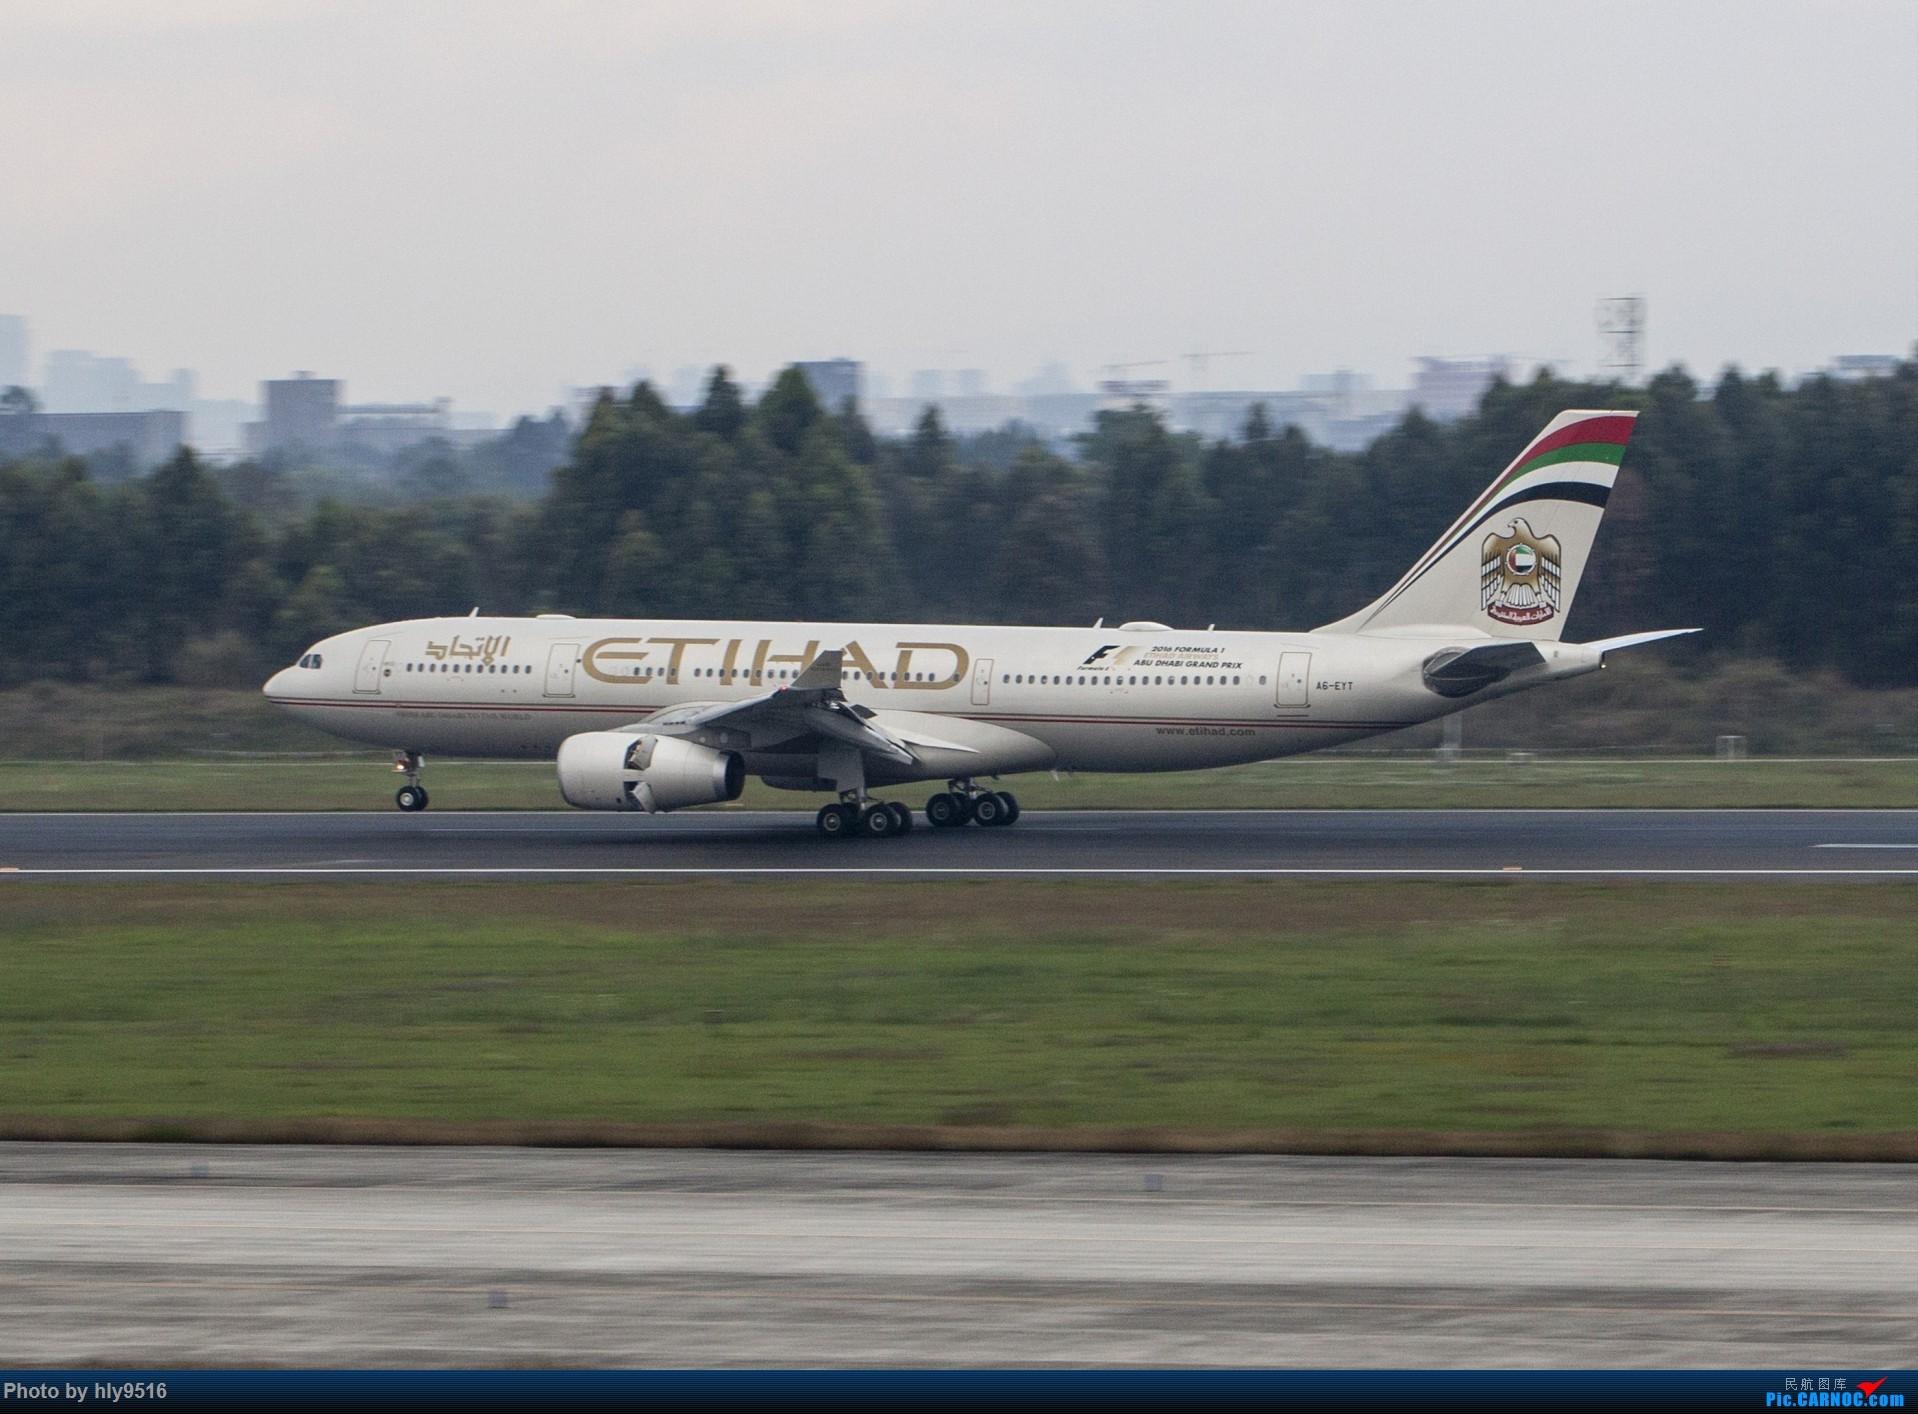 Re:[原创]【CTU】终于解决了大怨念南航A380 偶遇长荣新涂装 两次复飞 小怨念若干 AIRBUS A330-200 A6-EYT 中国成都双流国际机场